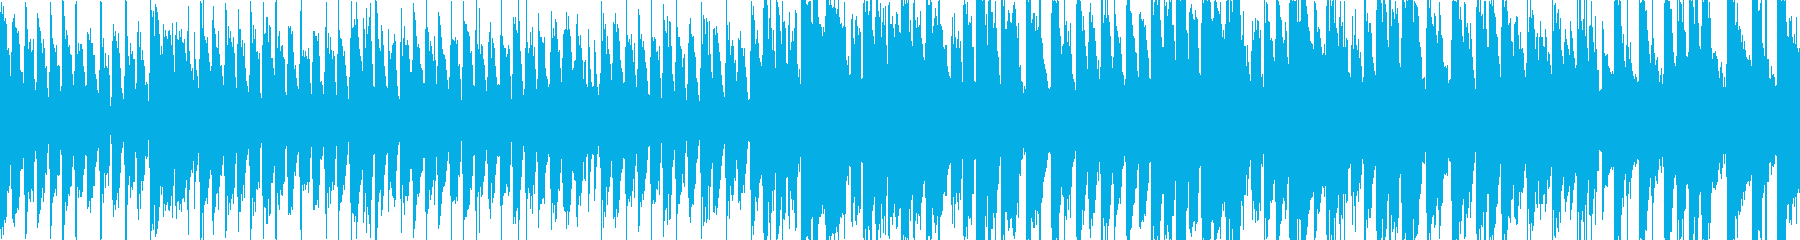 遊びに溢れたコミカルなバラエティループ曲の再生済みの波形